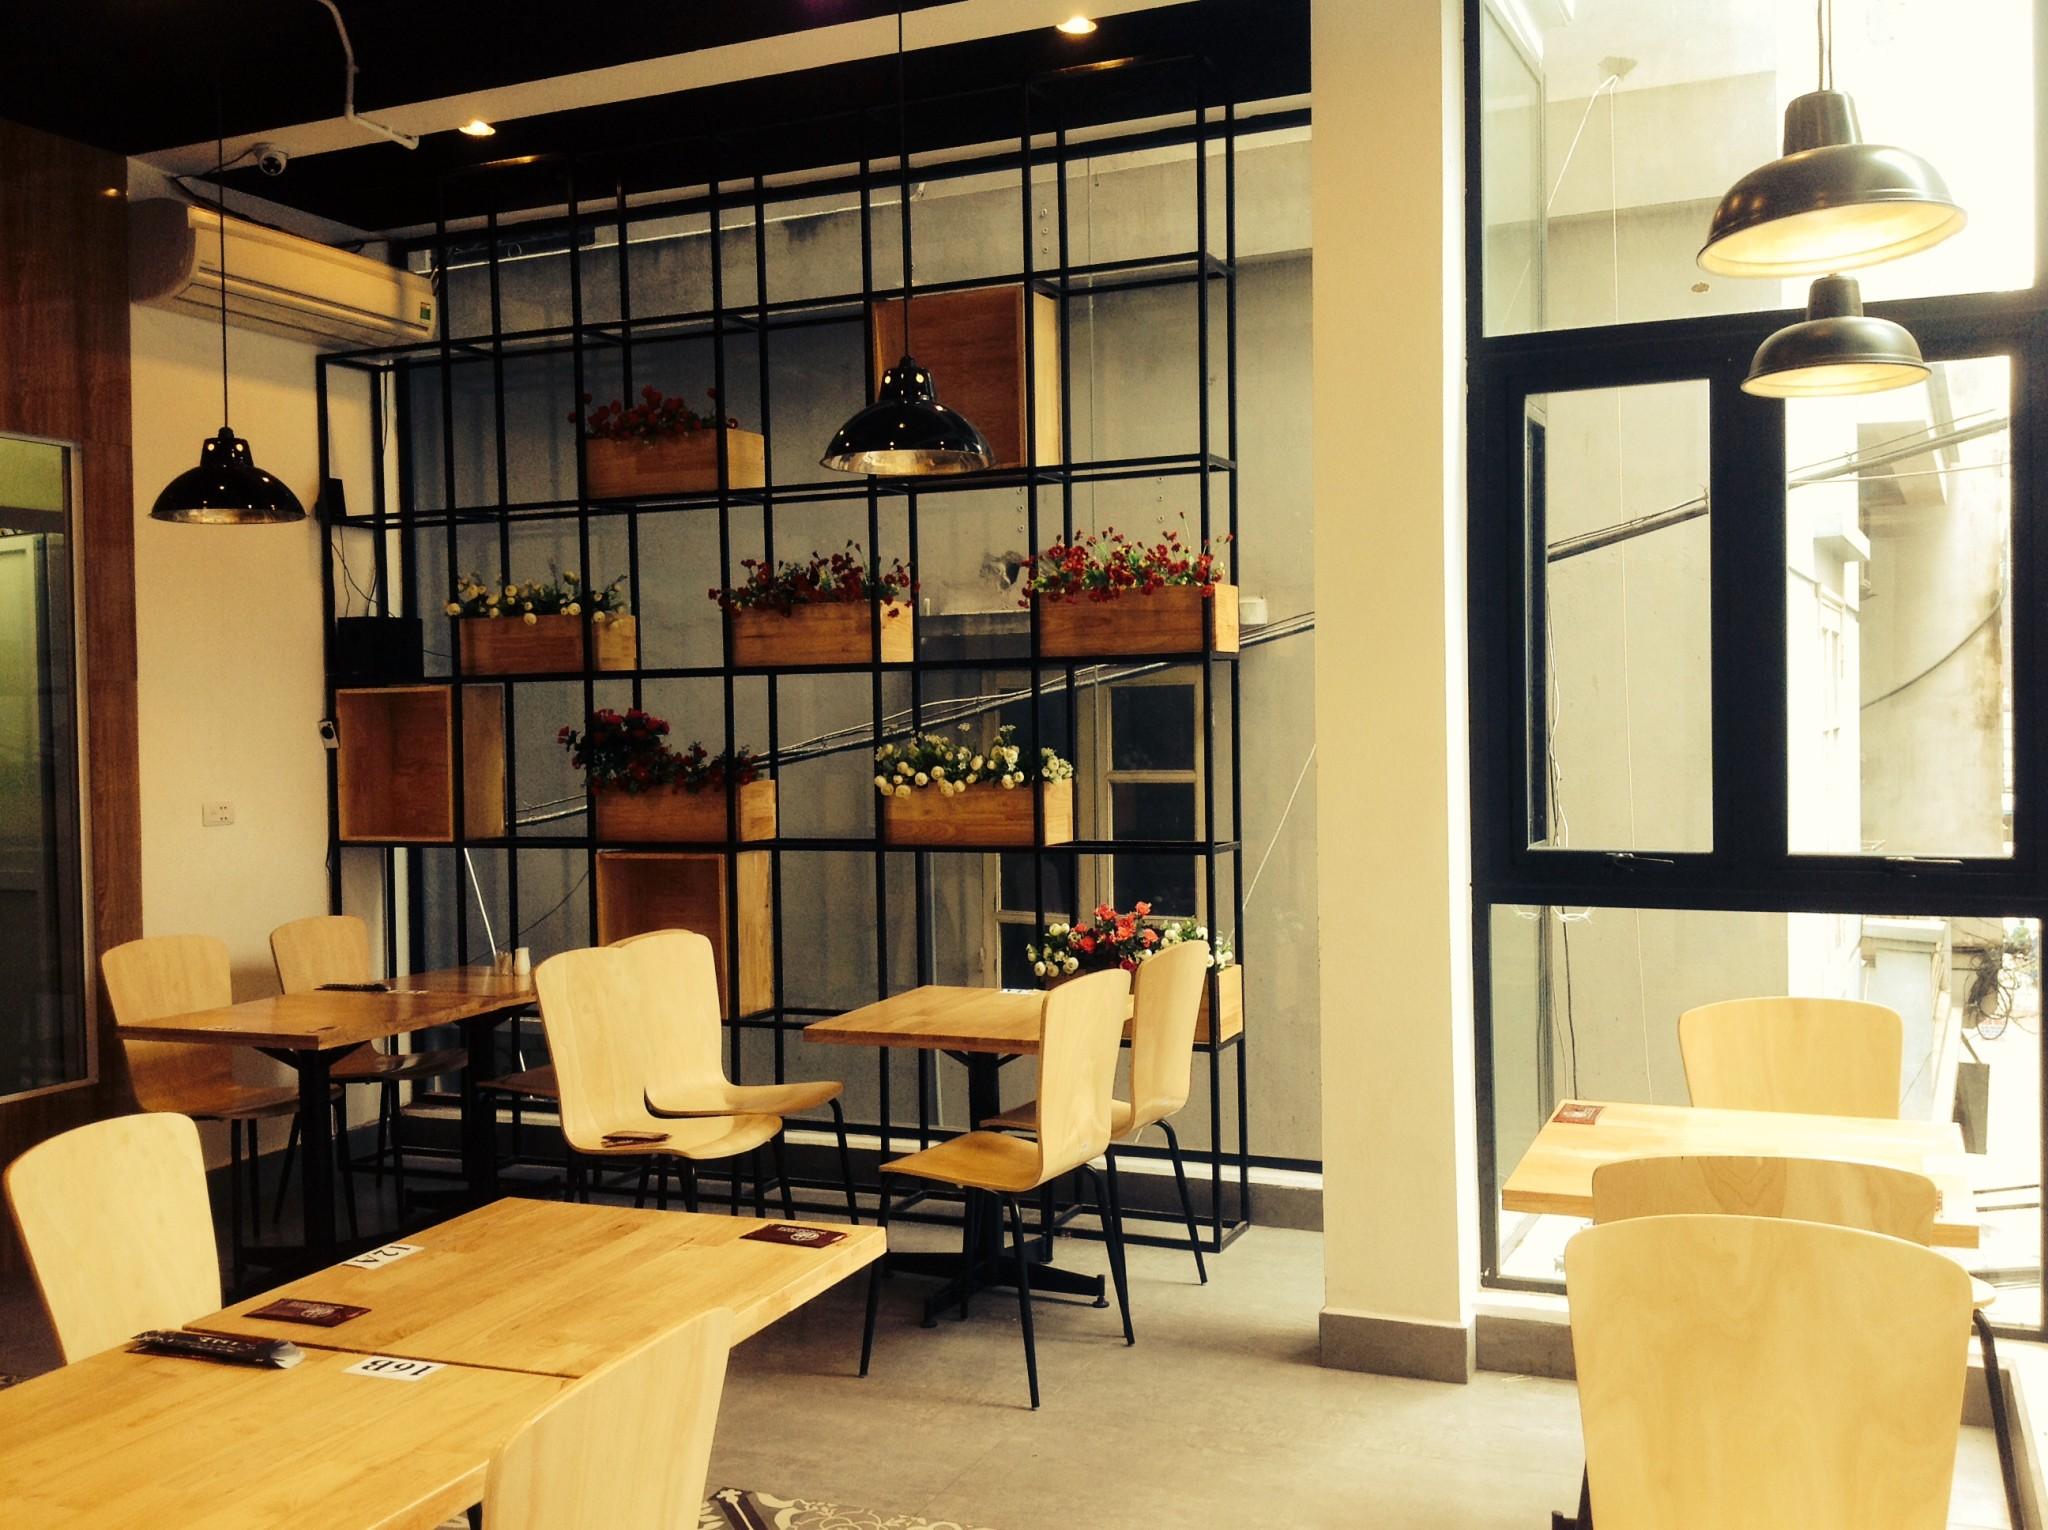 Thiết kế, thi công nội thất nhà hàng